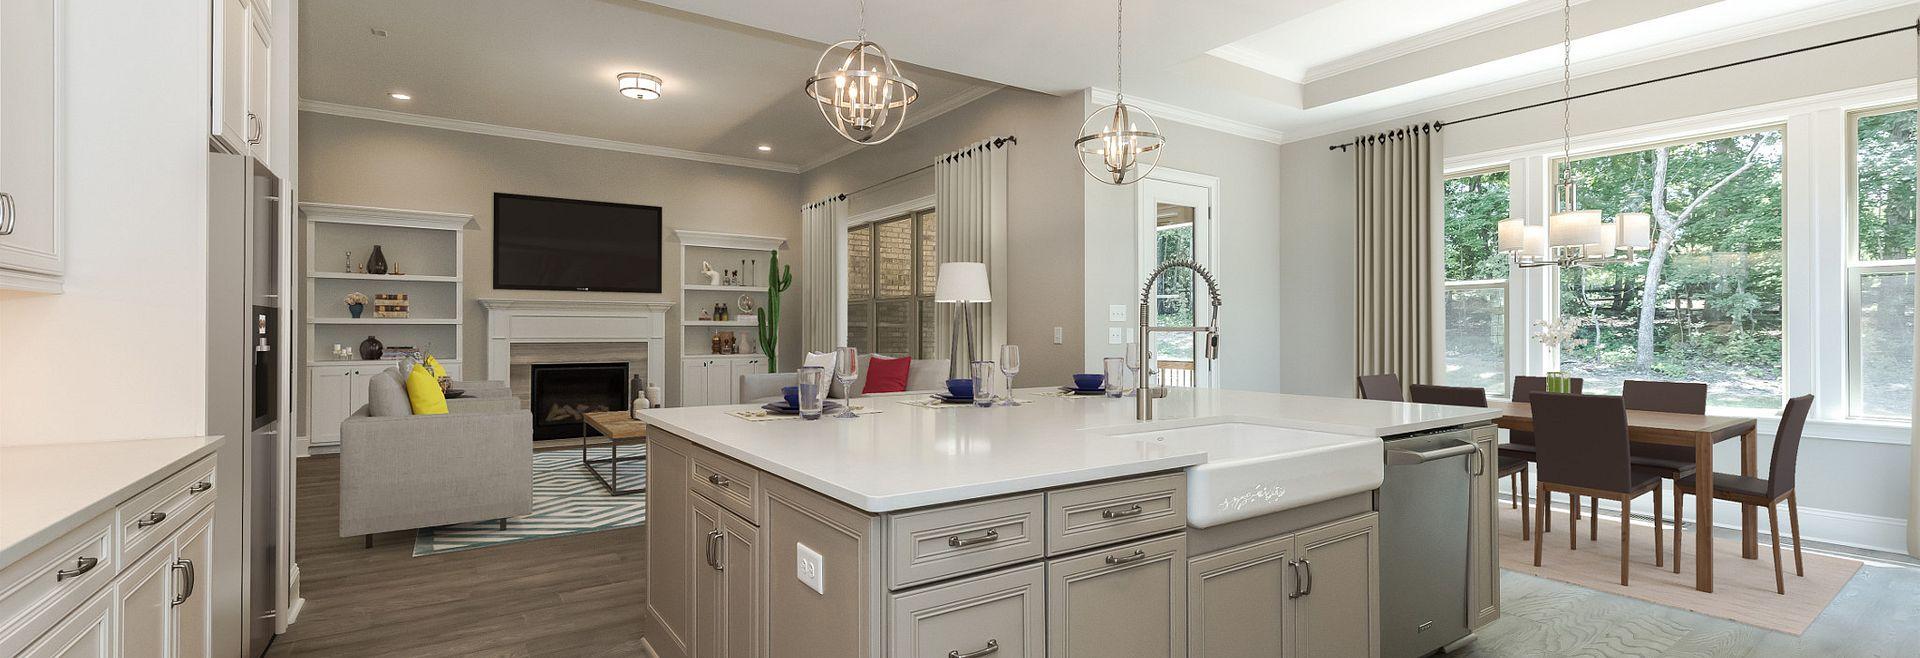 Avalon Kitchen, Breakfast & Family Room